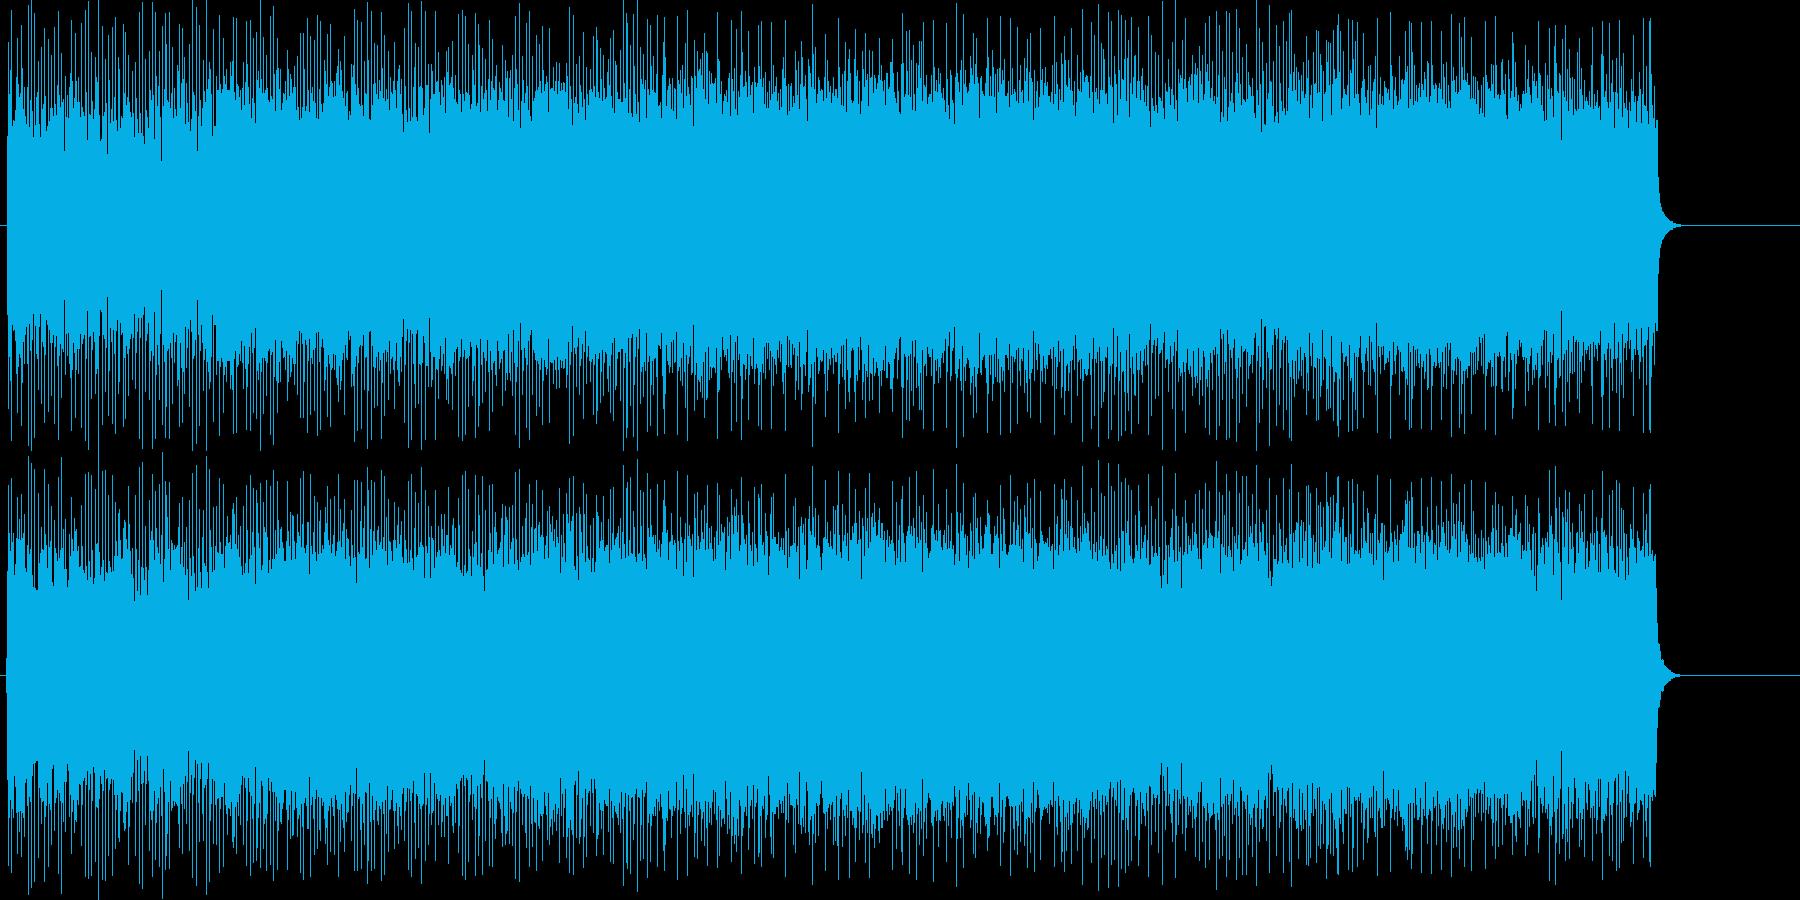 スリルとスピード感溢れるヘヴィ・メタルの再生済みの波形